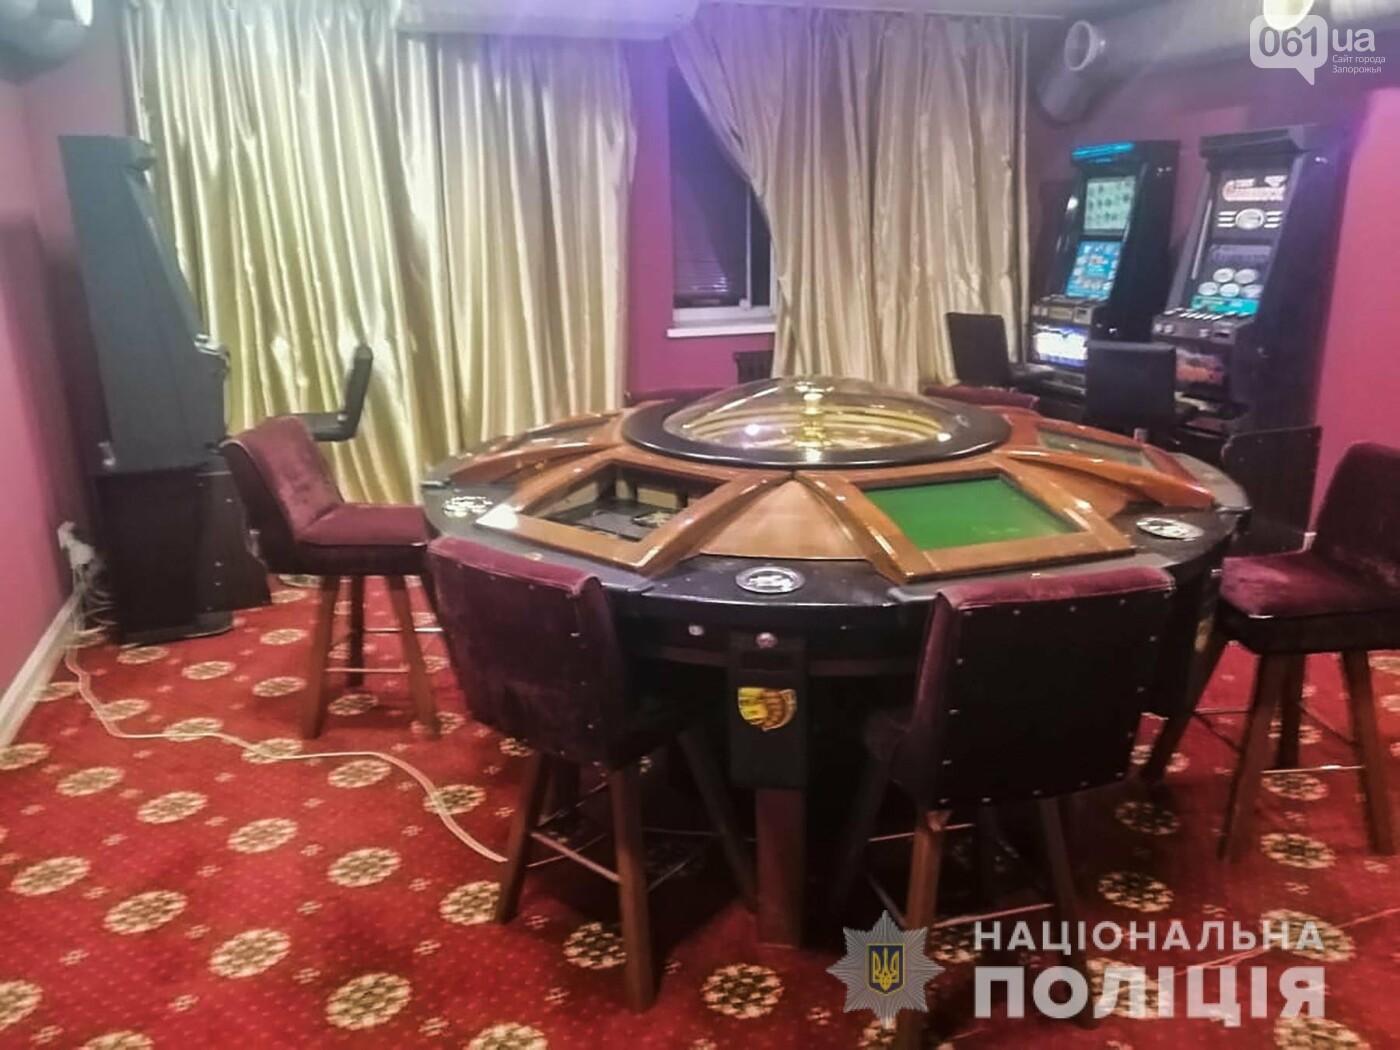 vozn1 60e6abadde0e7 - В Запорожье подпольное игровое заведение в третий раз возобновляет свою работу после визита полиции